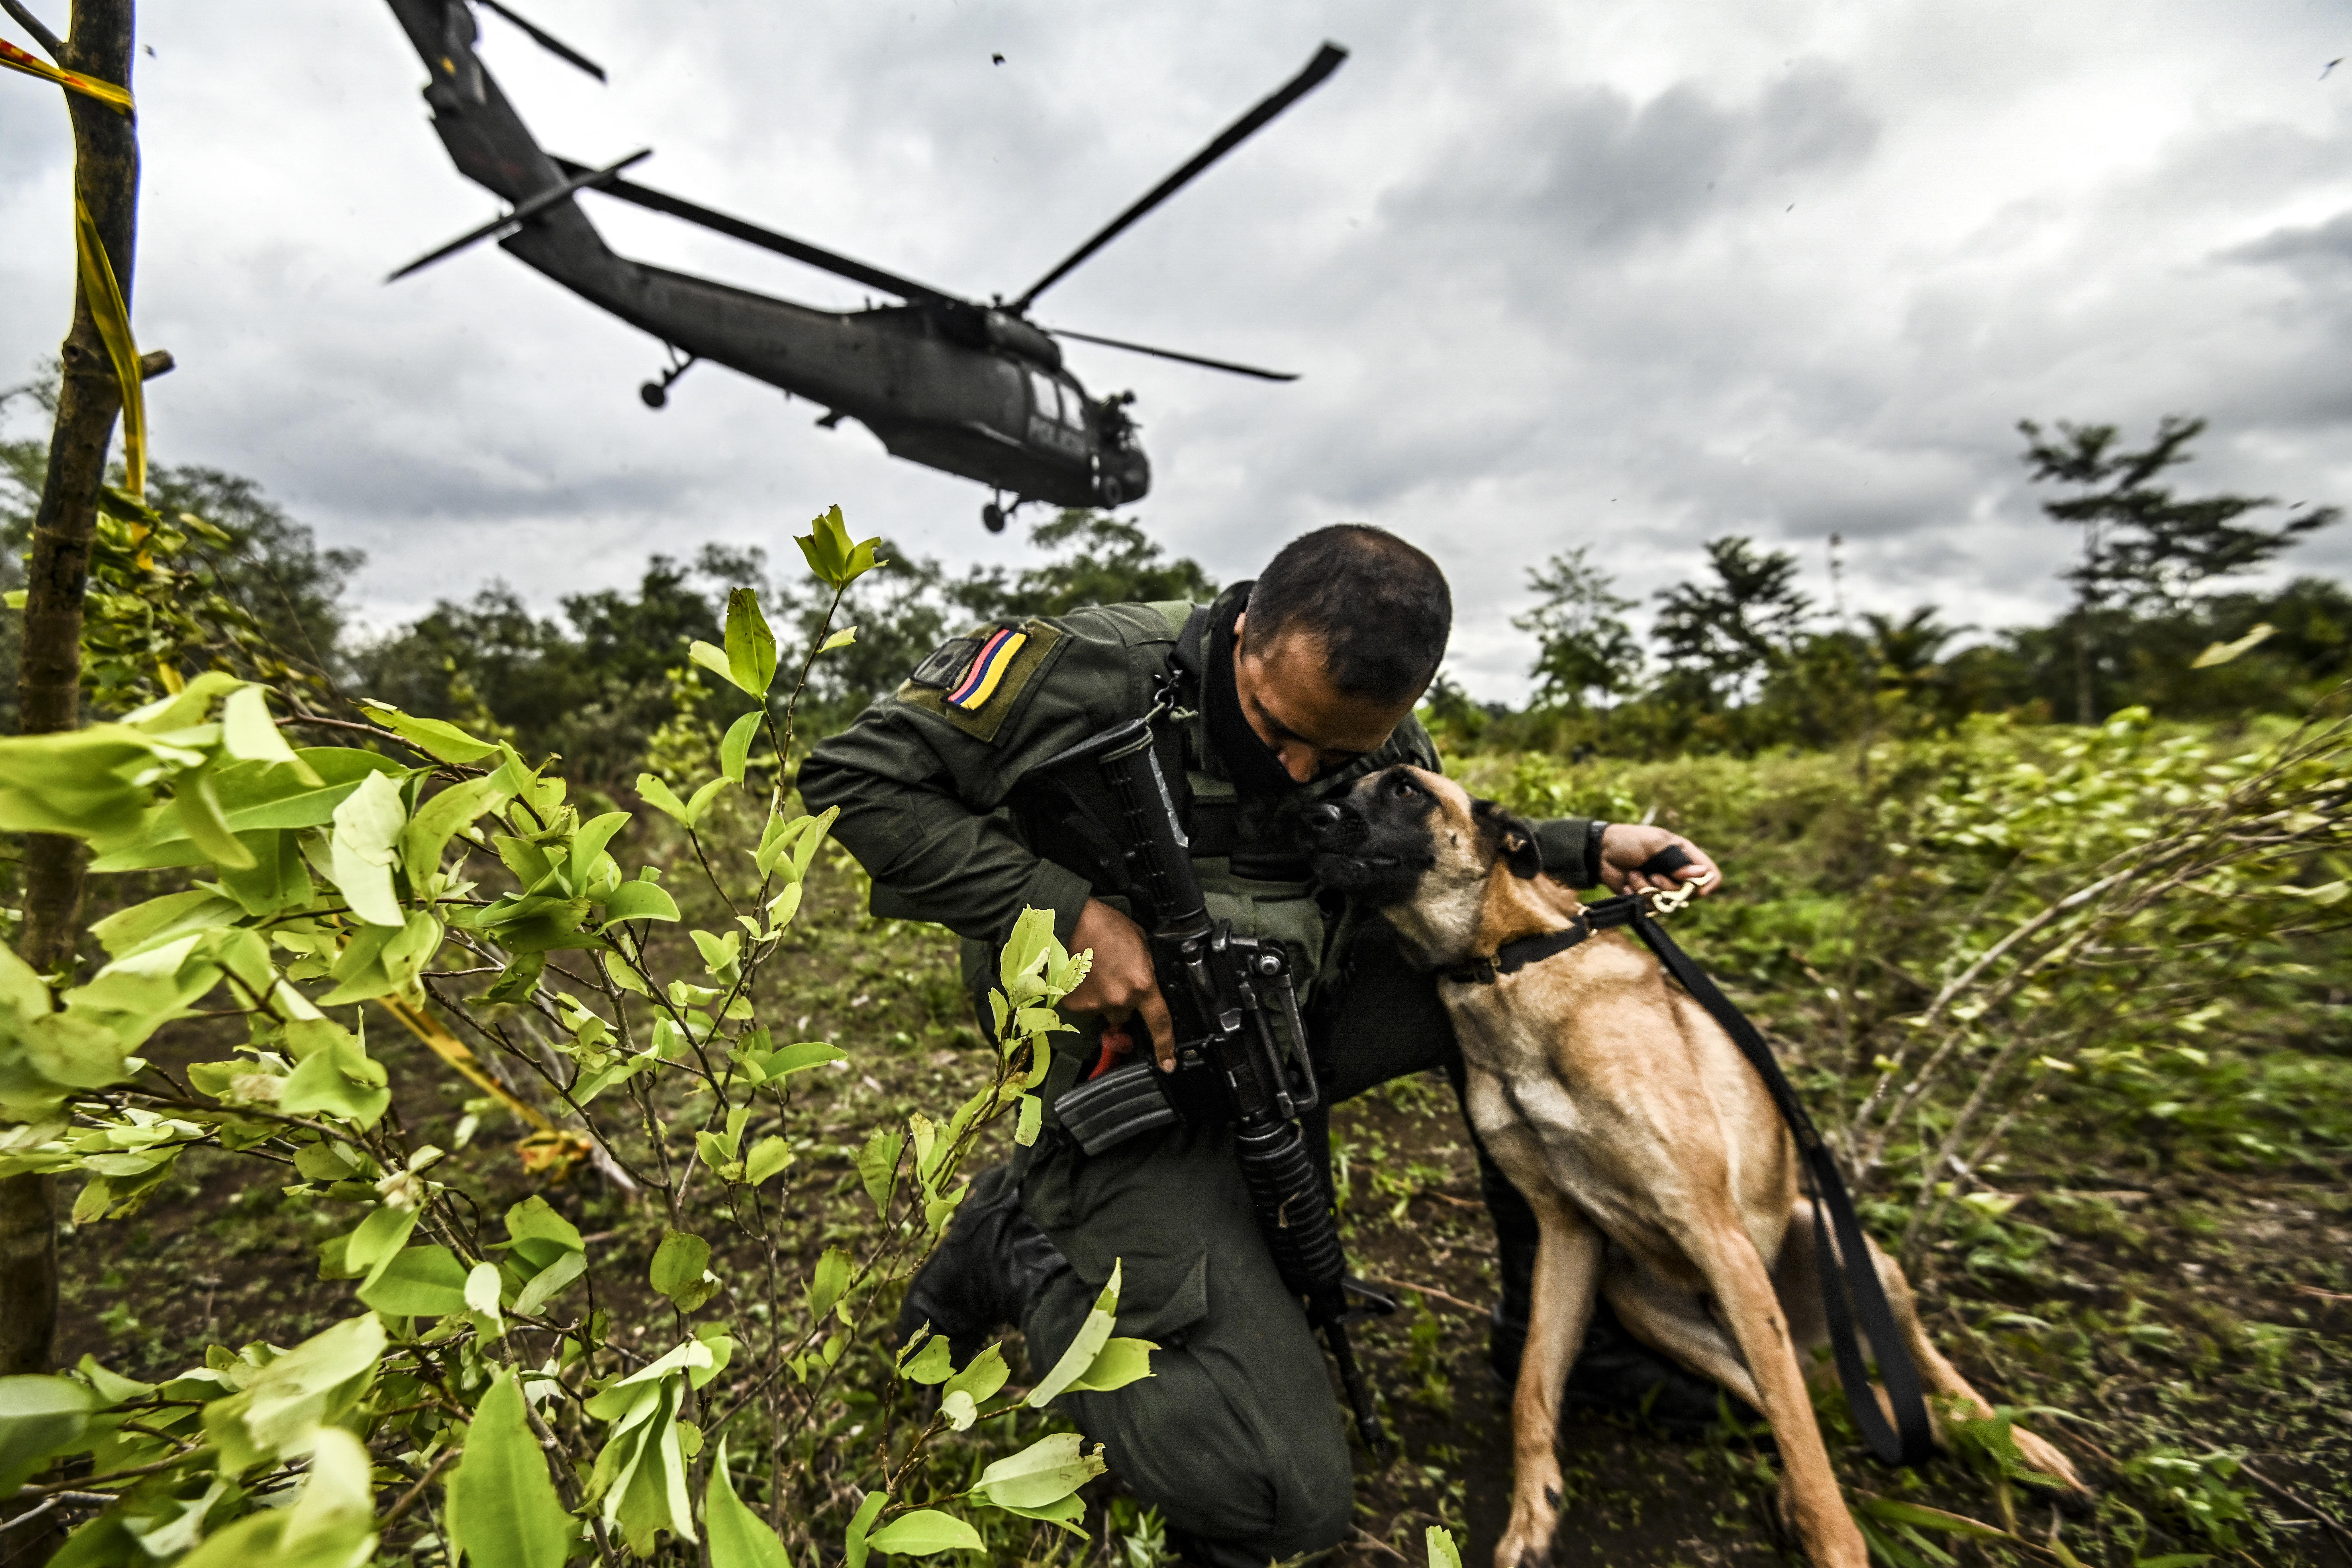 Nagyot nőtt tavaly a kokaültetvények területe Kolumbiában